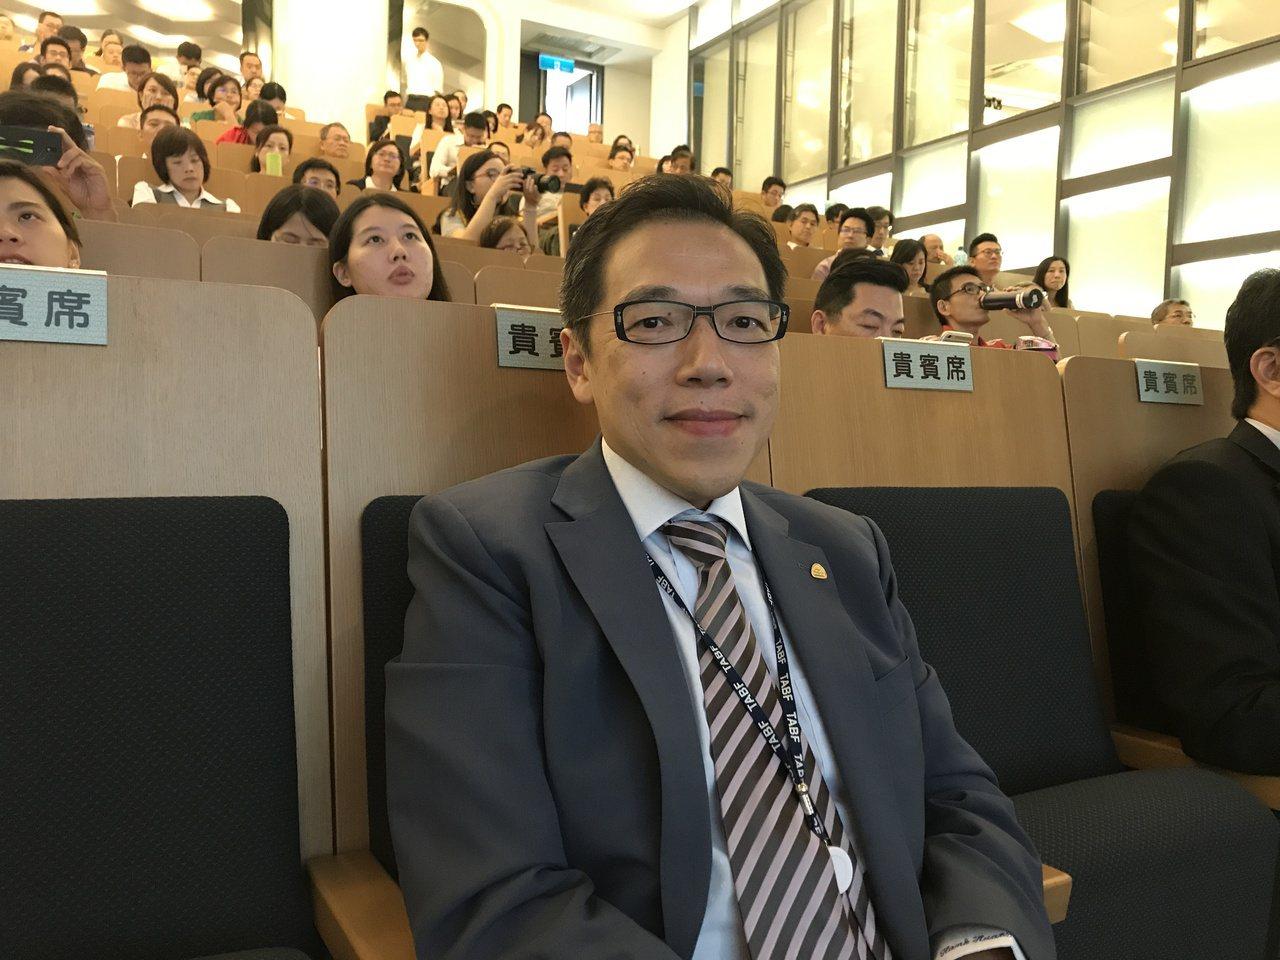 台灣金融研訓院「準院長」黃崇哲。記者陳怡慈/攝影